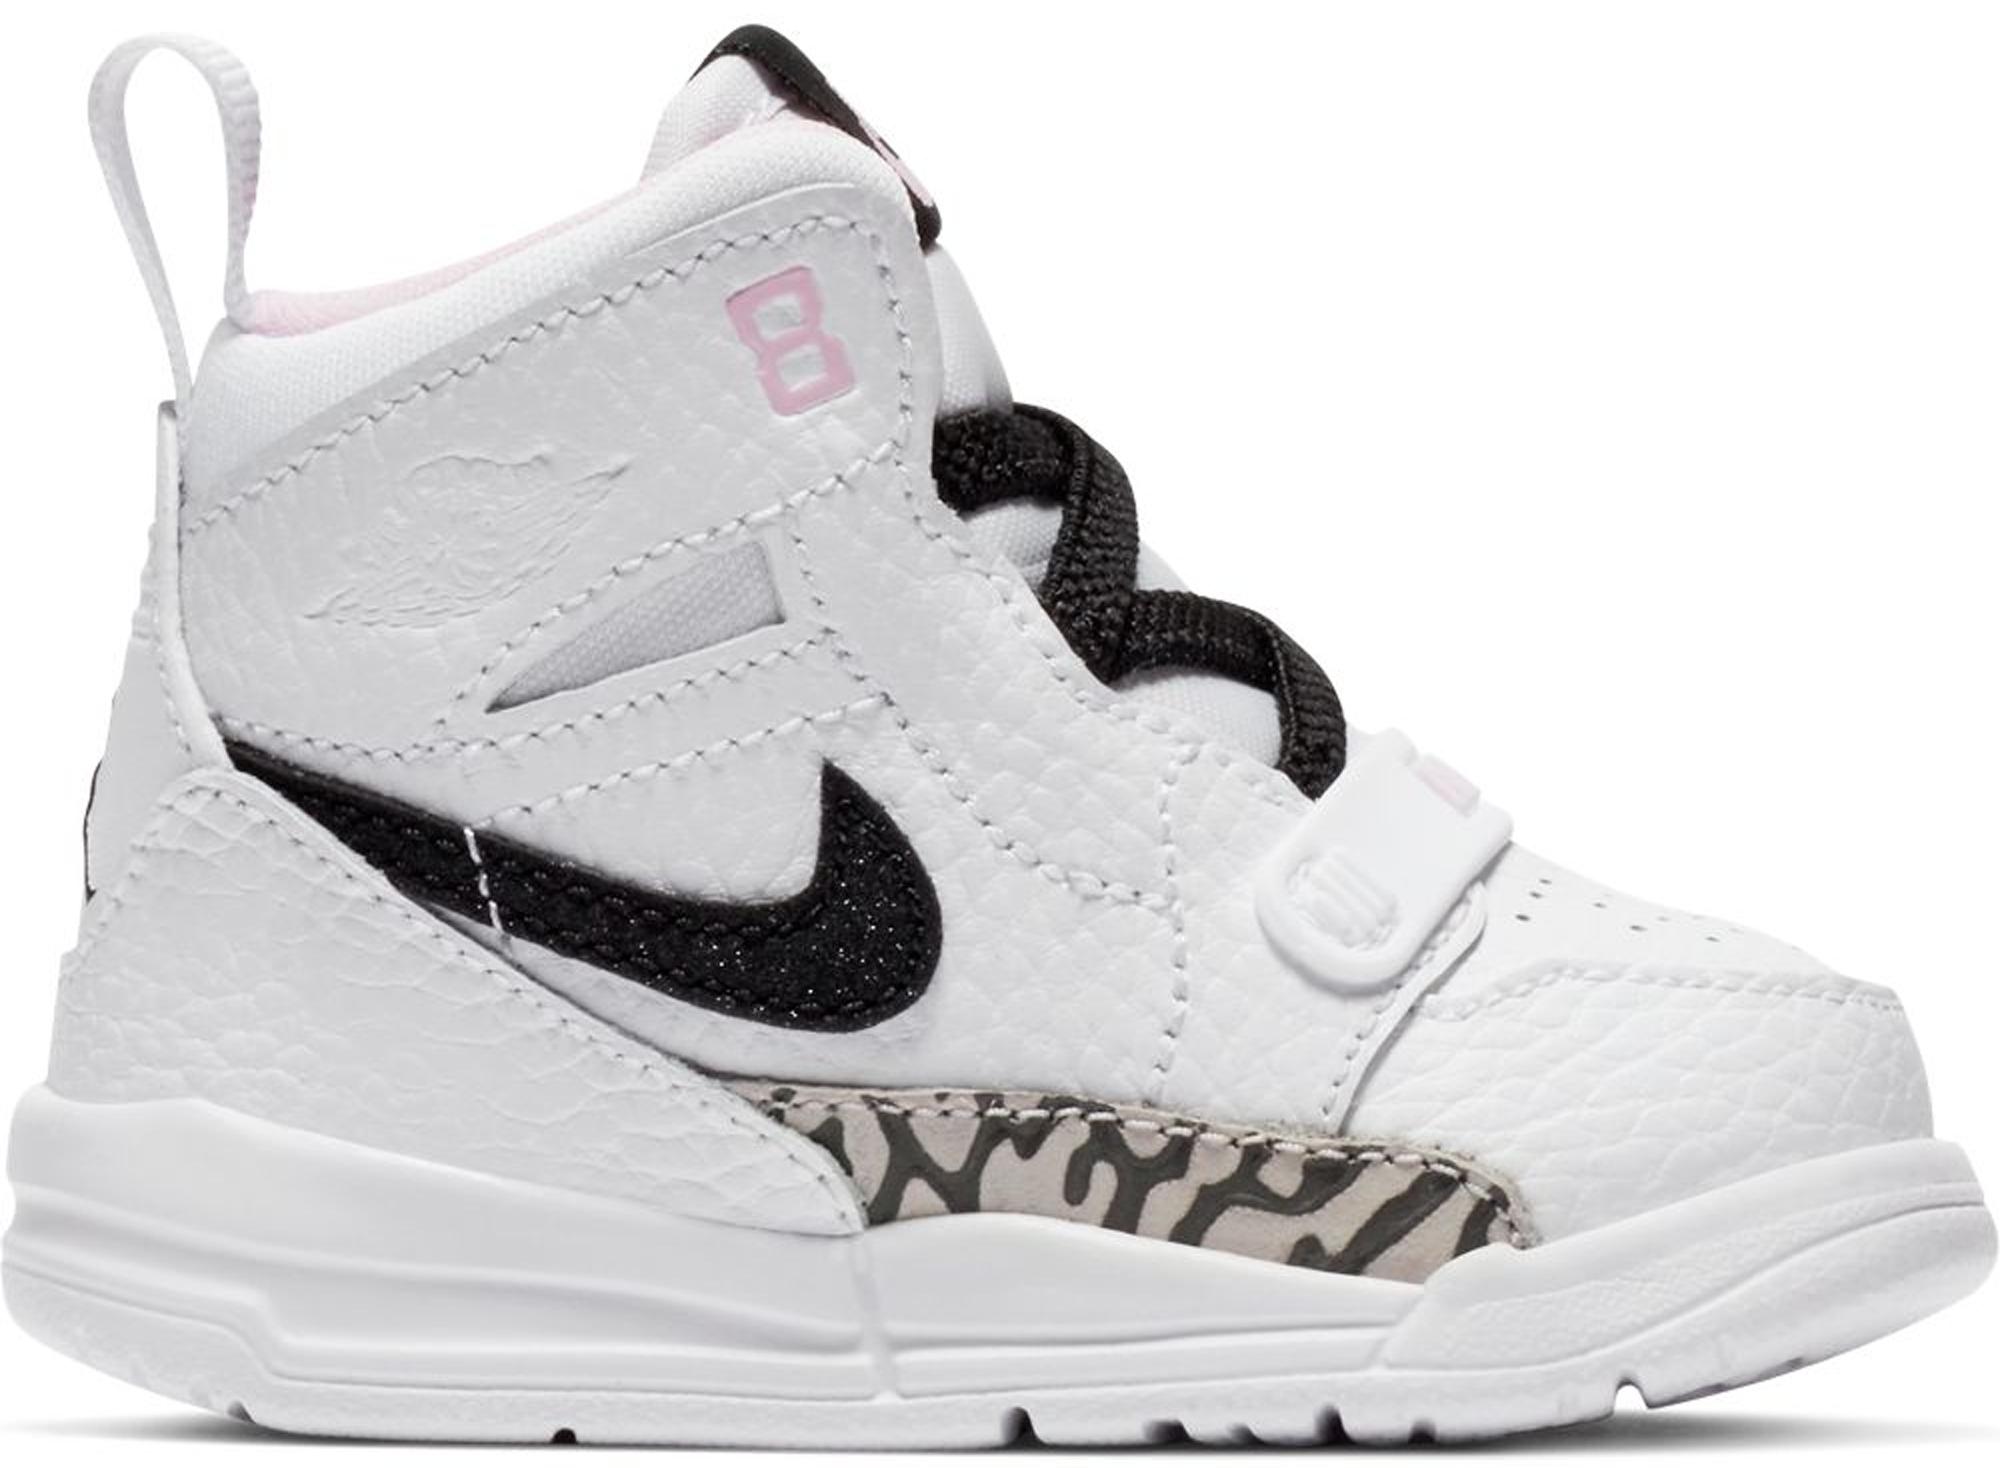 jordan legacy 312 white black pink foam